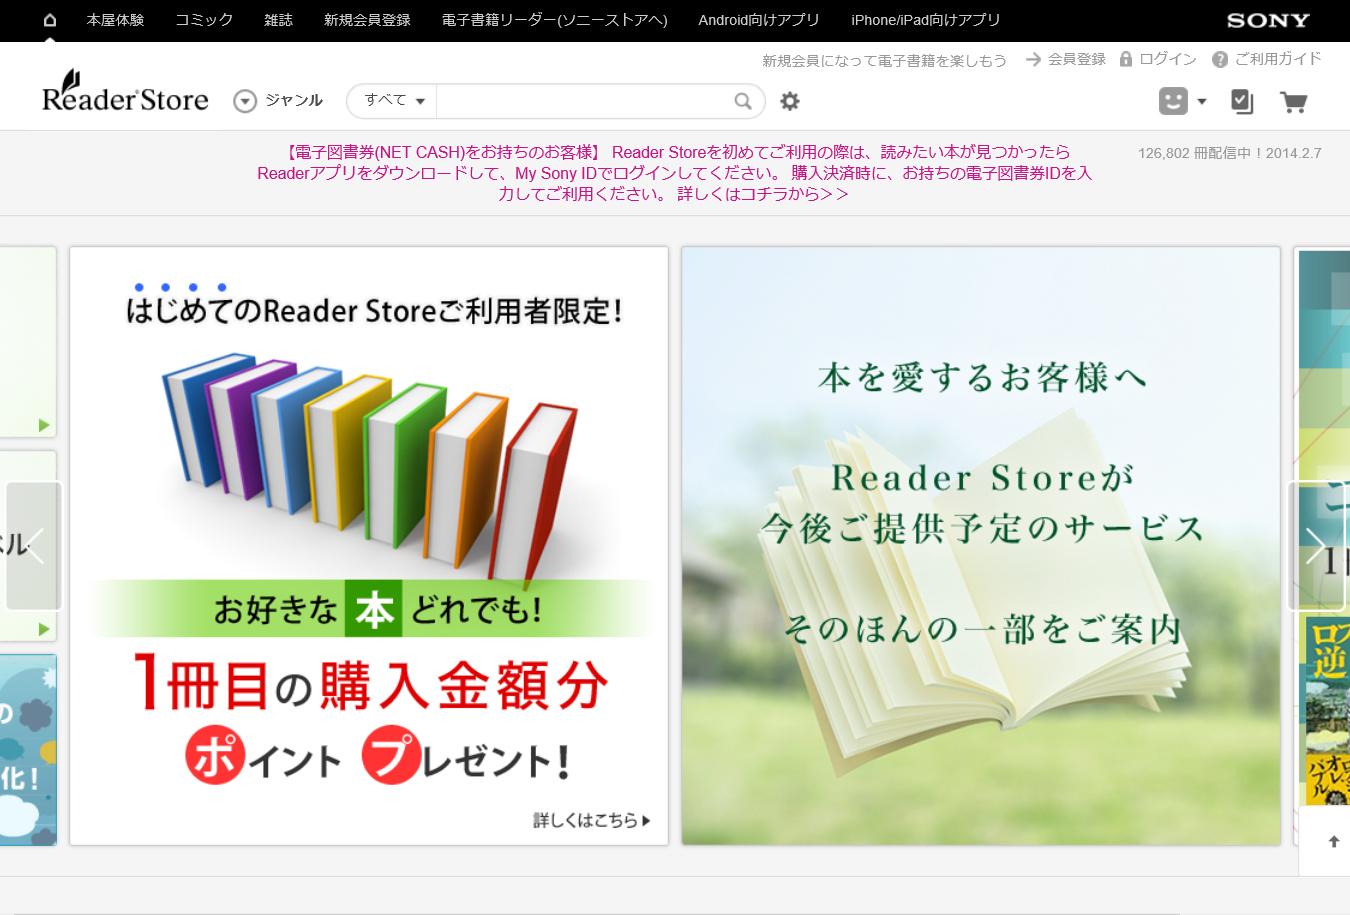 2月7日現在の「Reader Store」日本版サイトのトップページ。サービス継続を大きくアピールしている